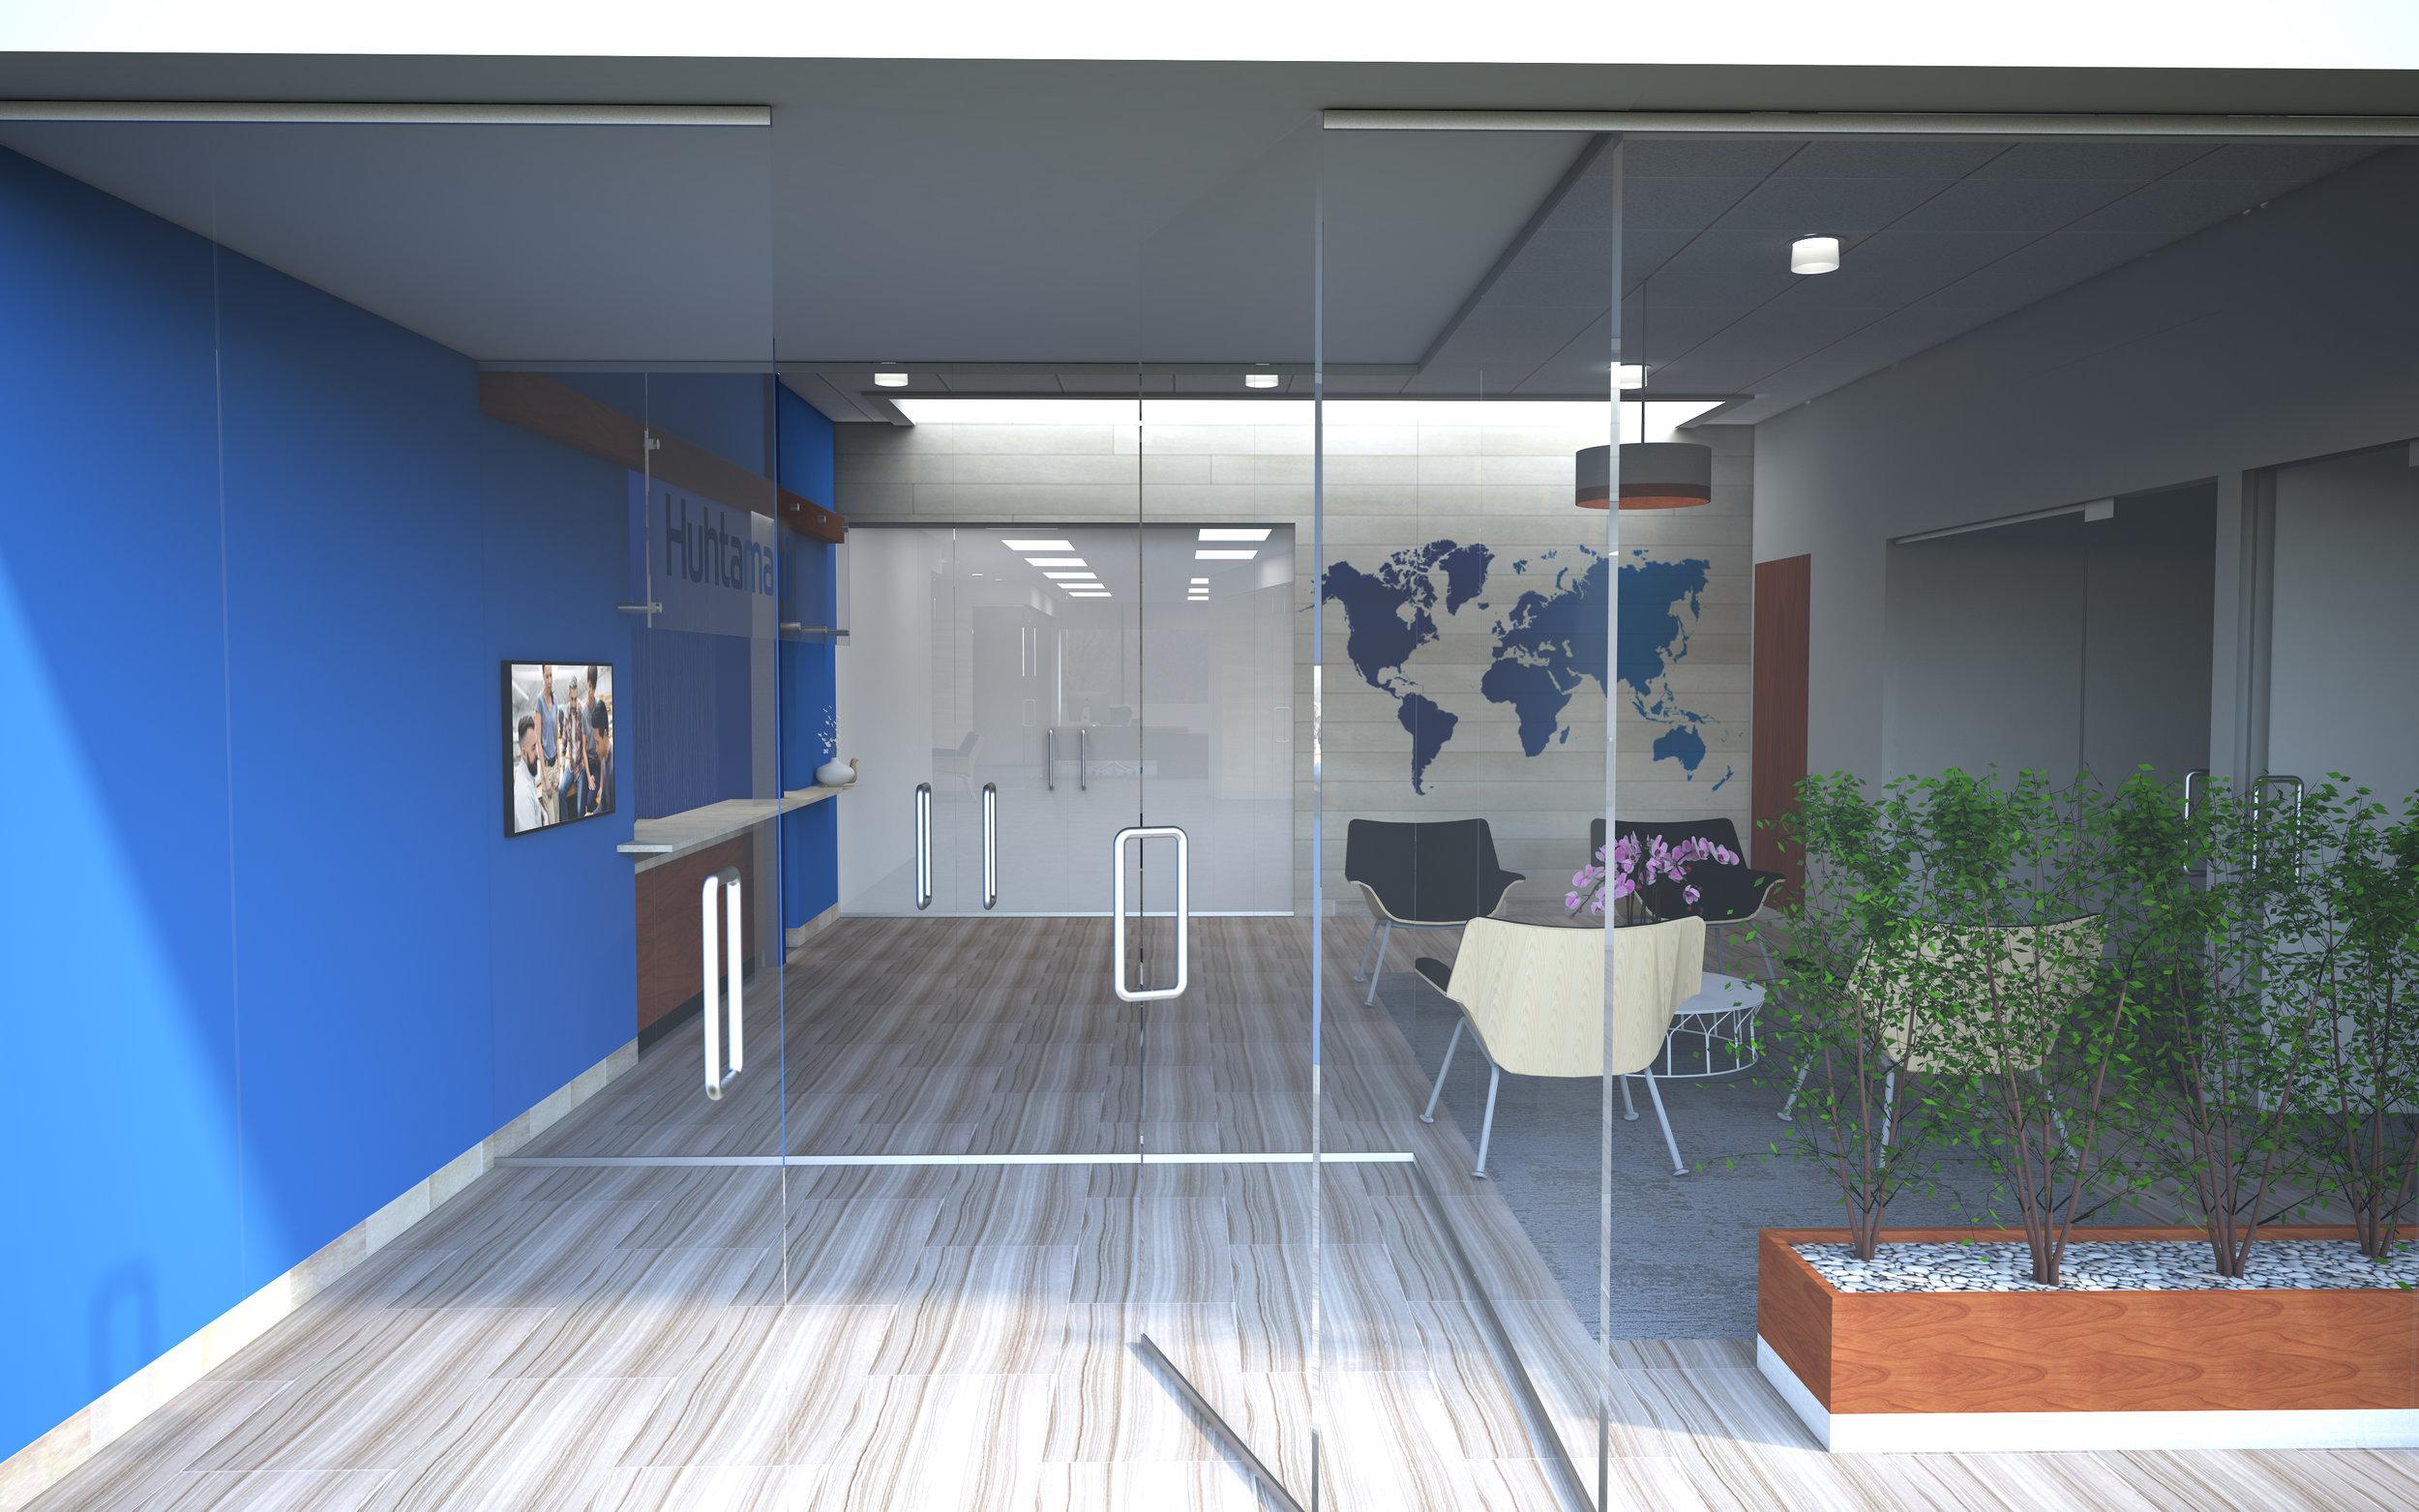 Lobby_Exterior Entrance.jpg